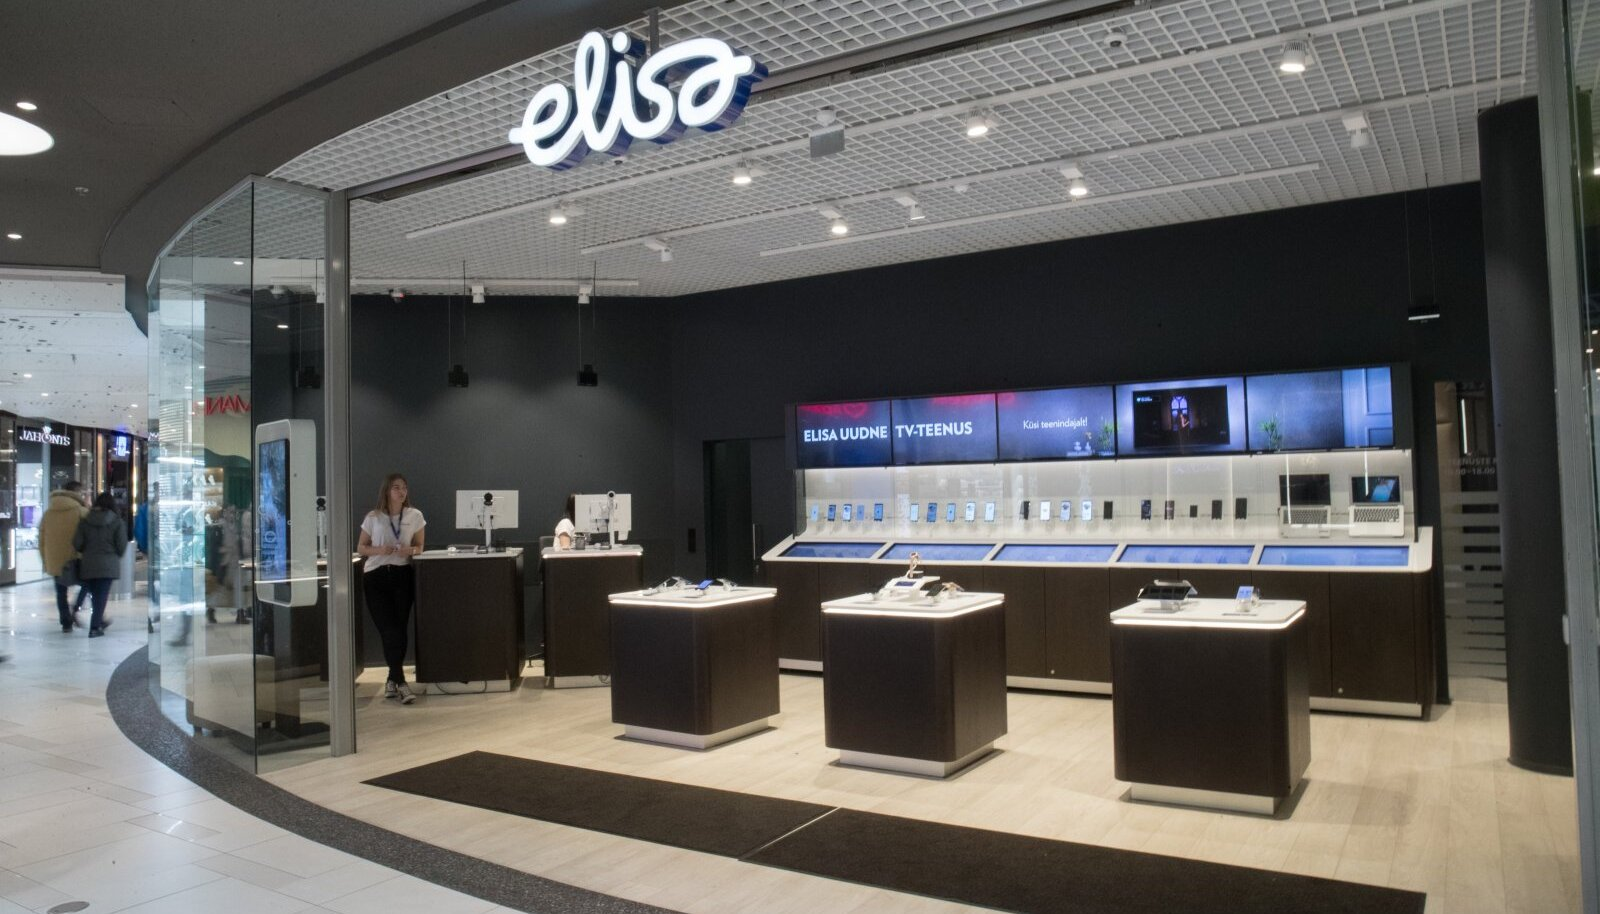 Elisa esindus